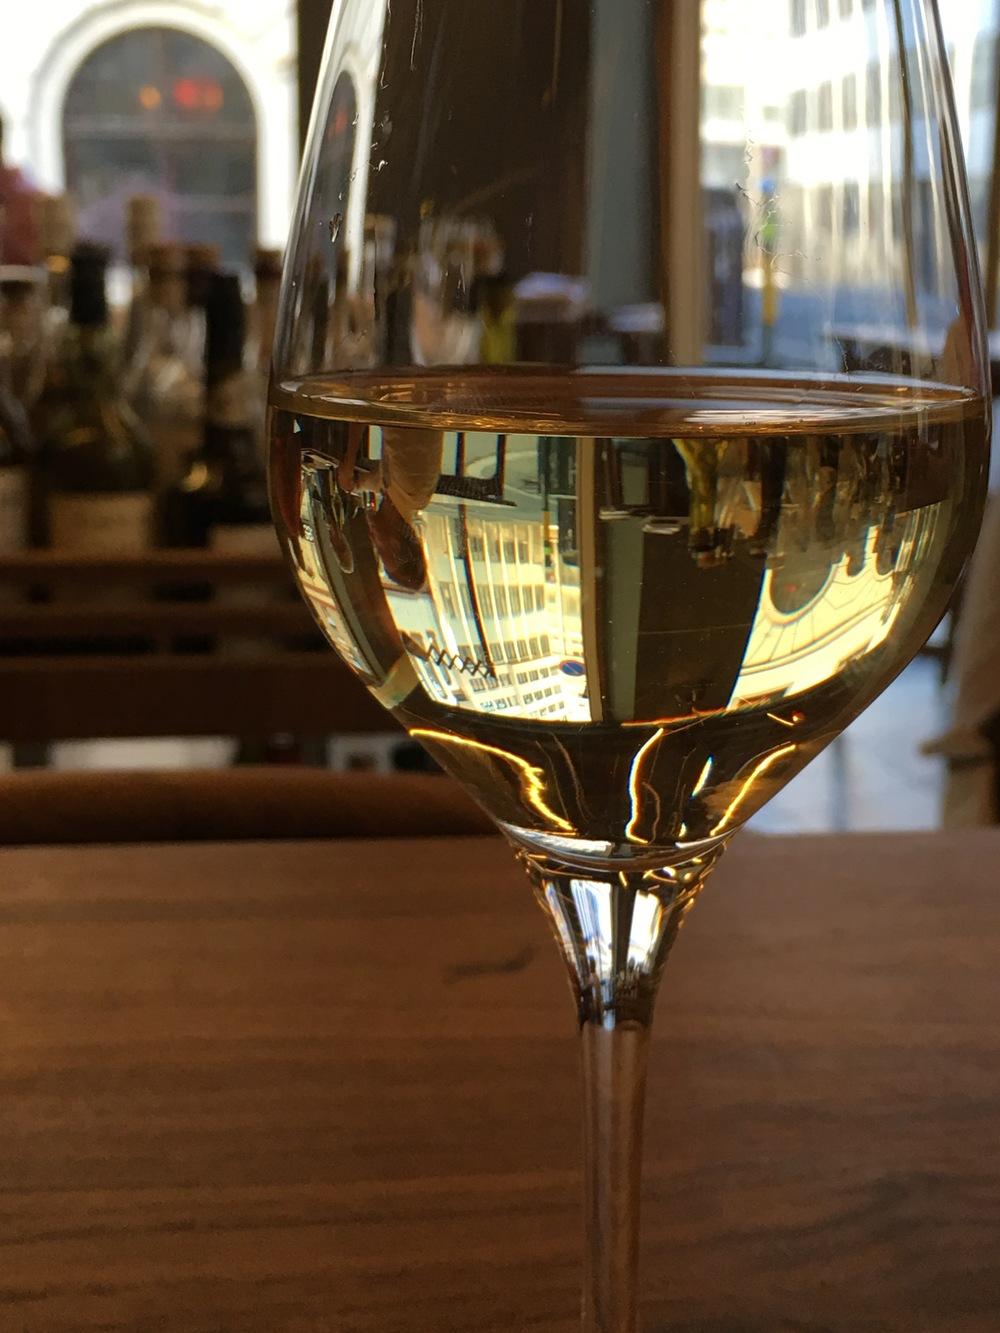 ambiance and white wine at Arakataka